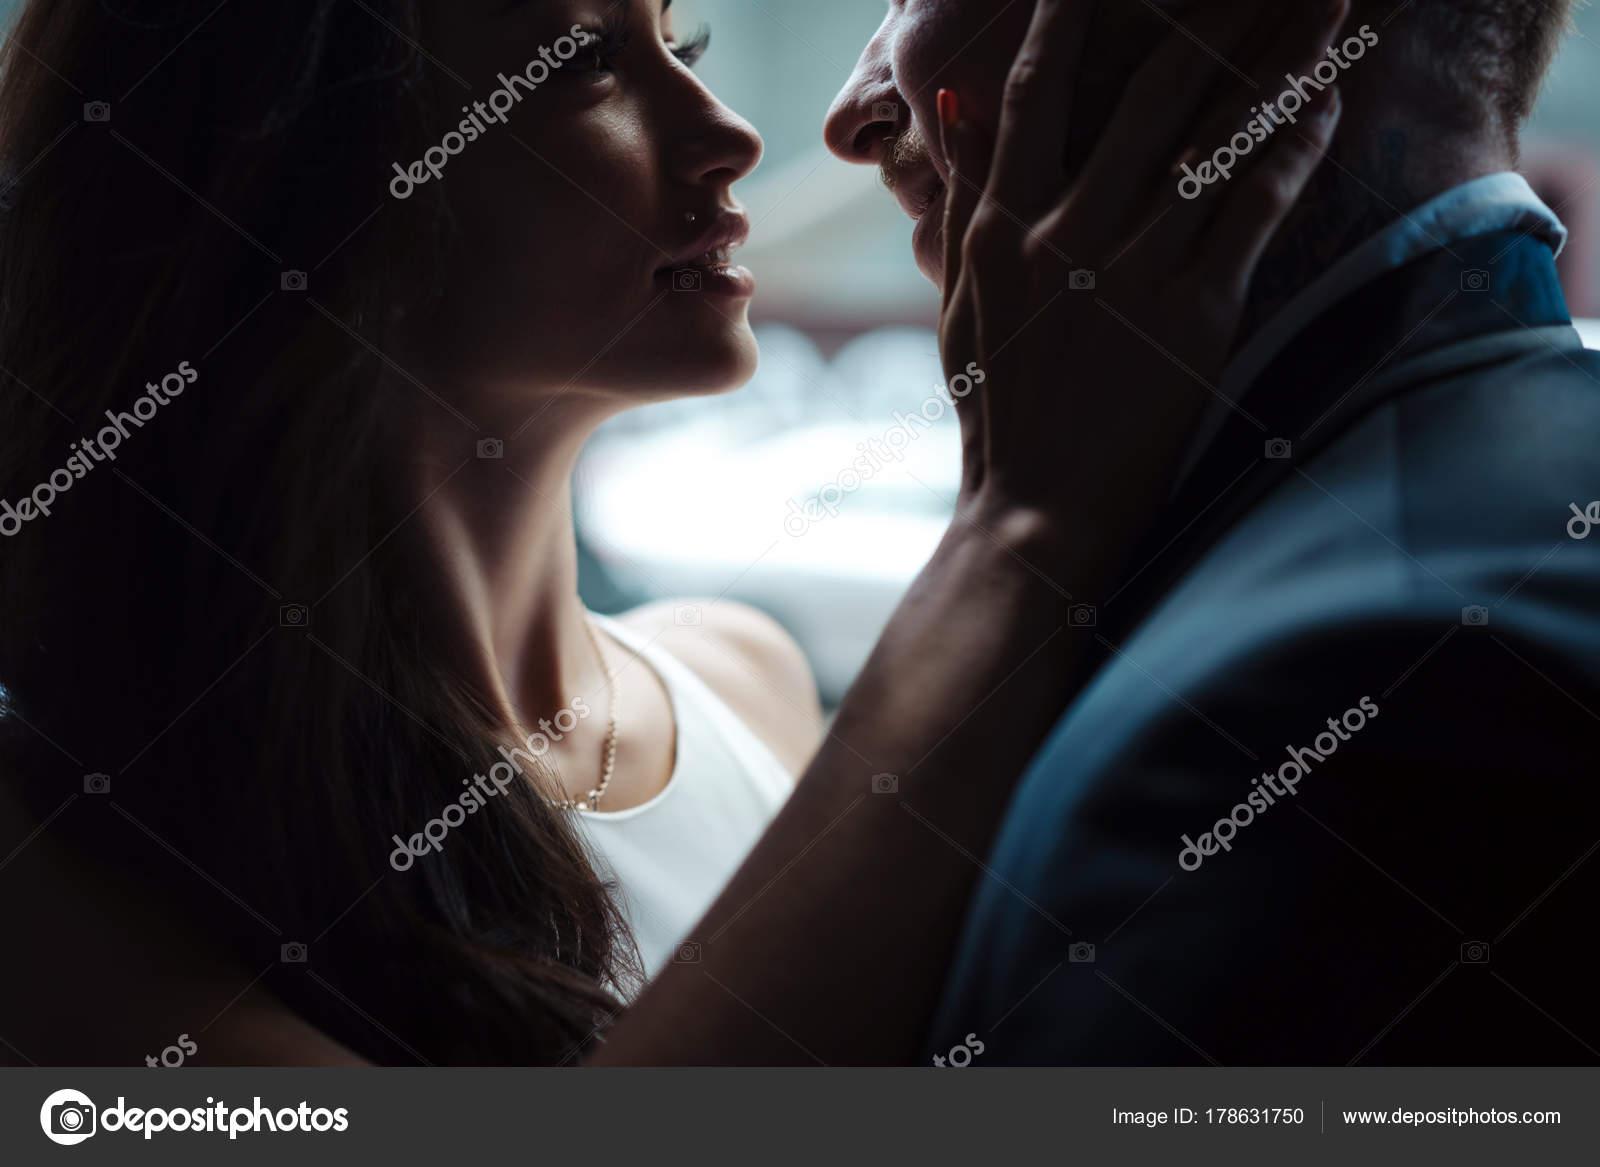 paar posiert im Türrahmen — Stockfoto © simbiothy #178631750